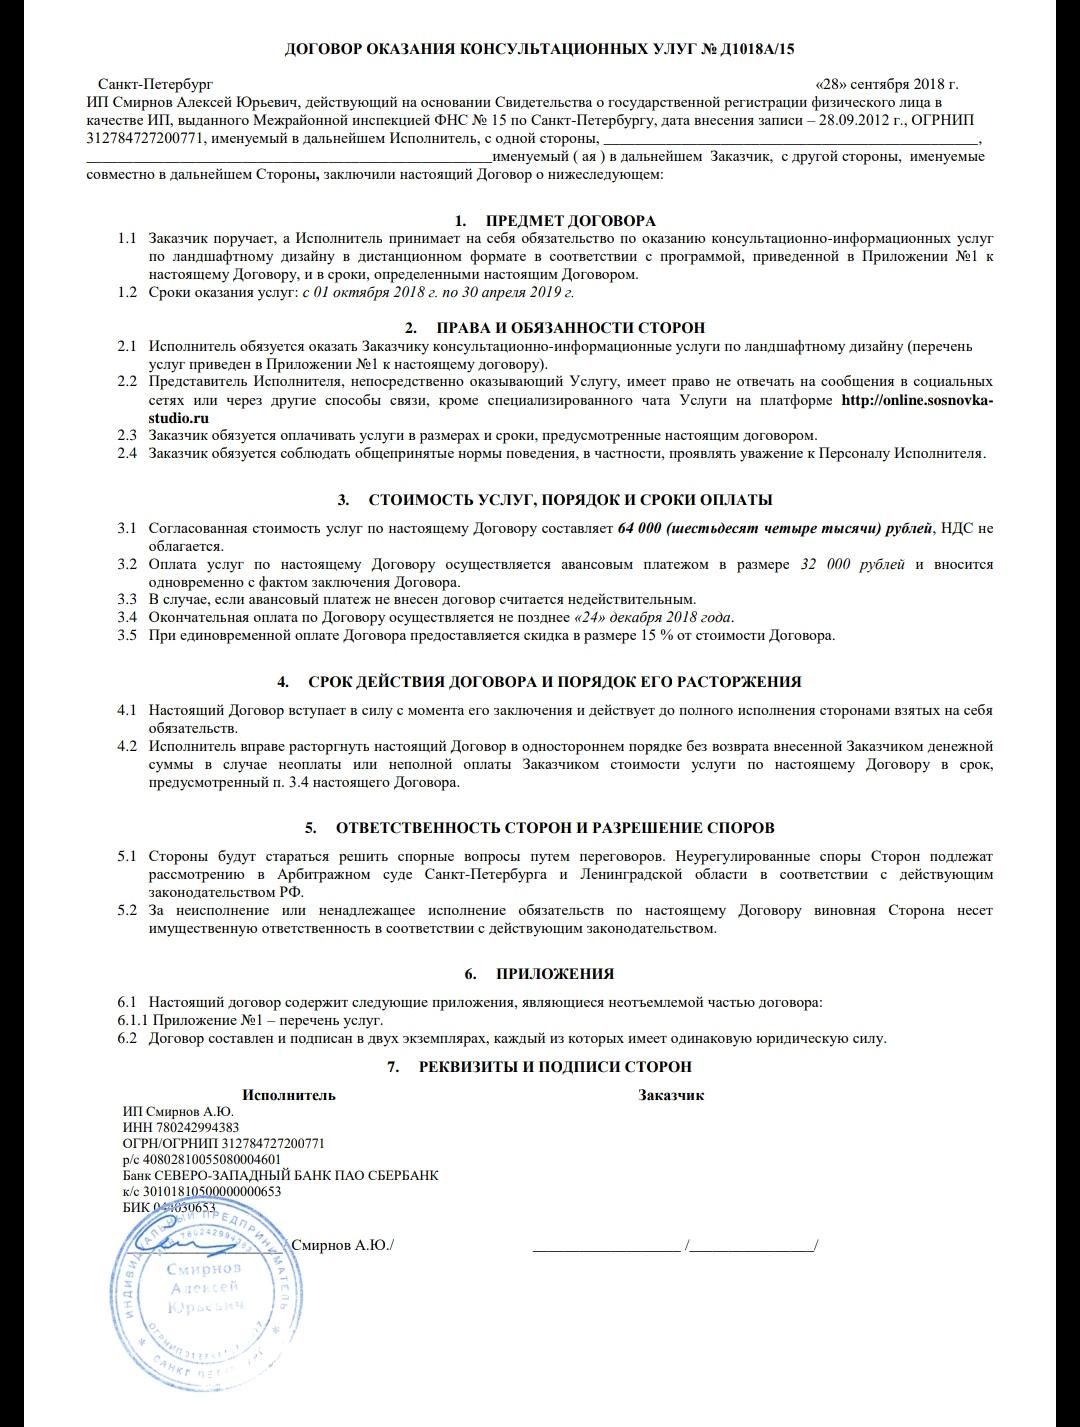 Договор за консультационные услуги по бухгалтерскому учету аутсорсинг мтс